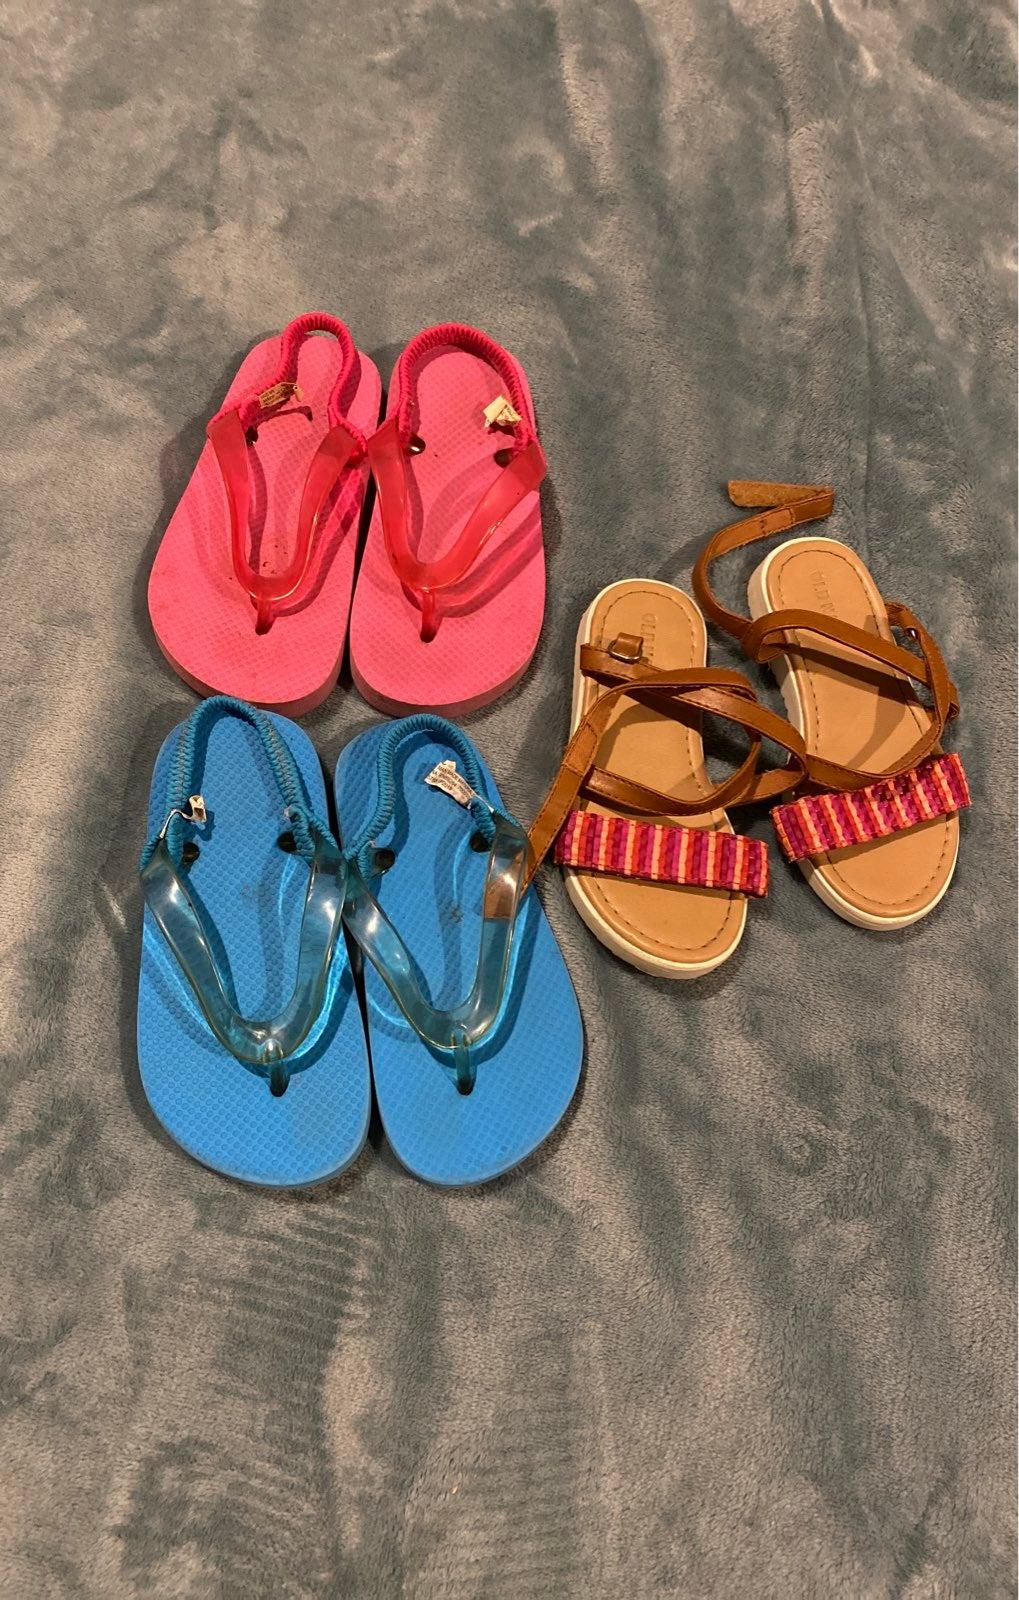 sandals 8/9